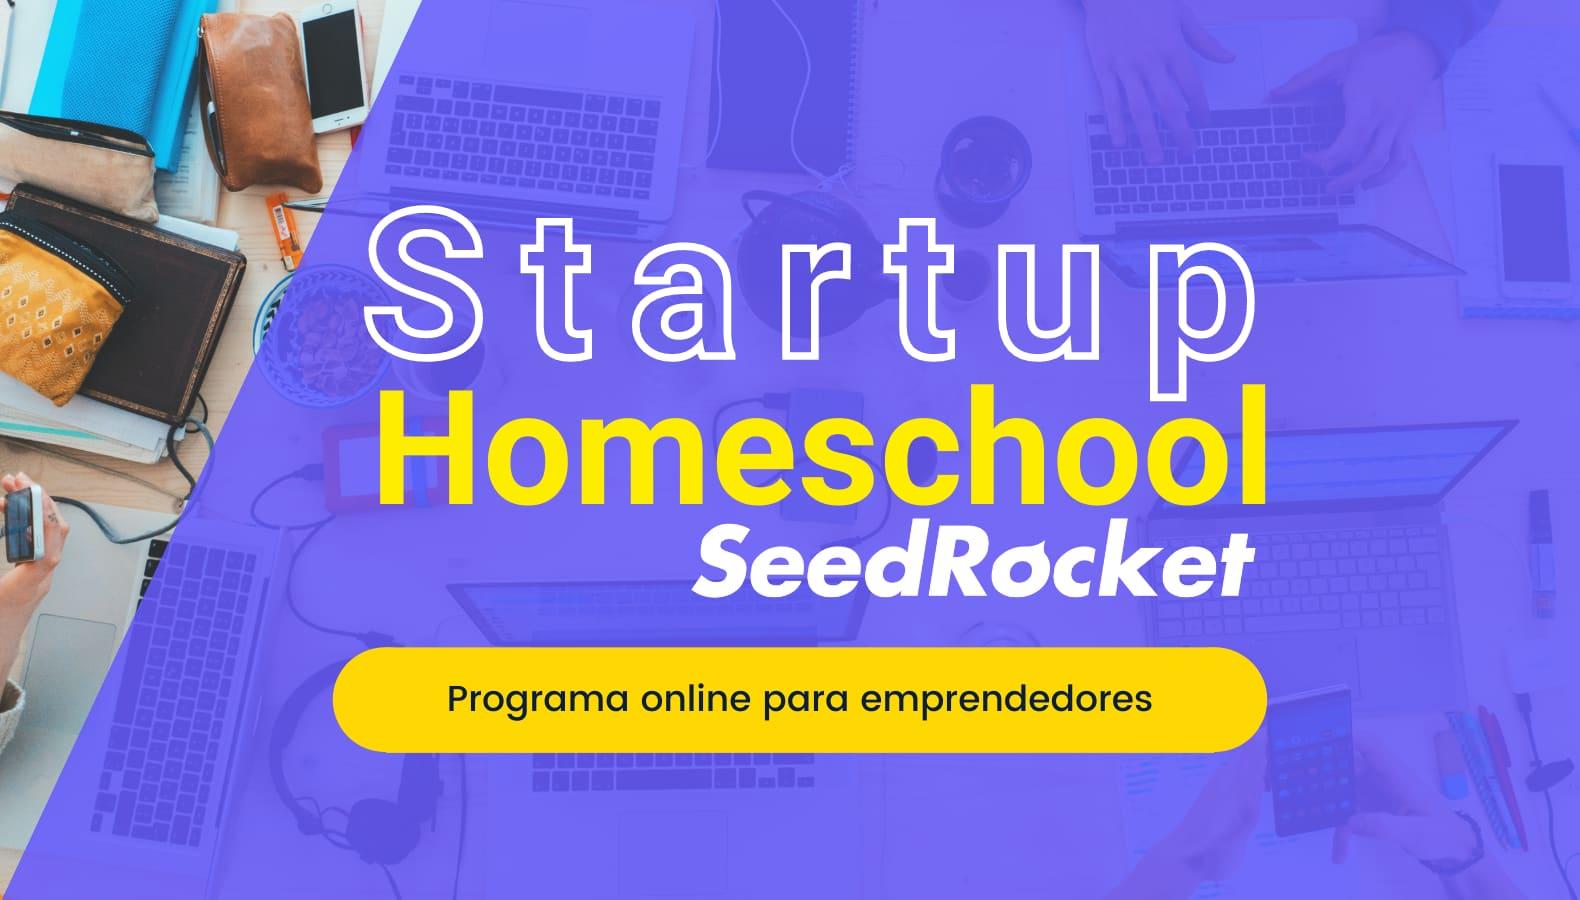 Startup-Homeschool2-bannner